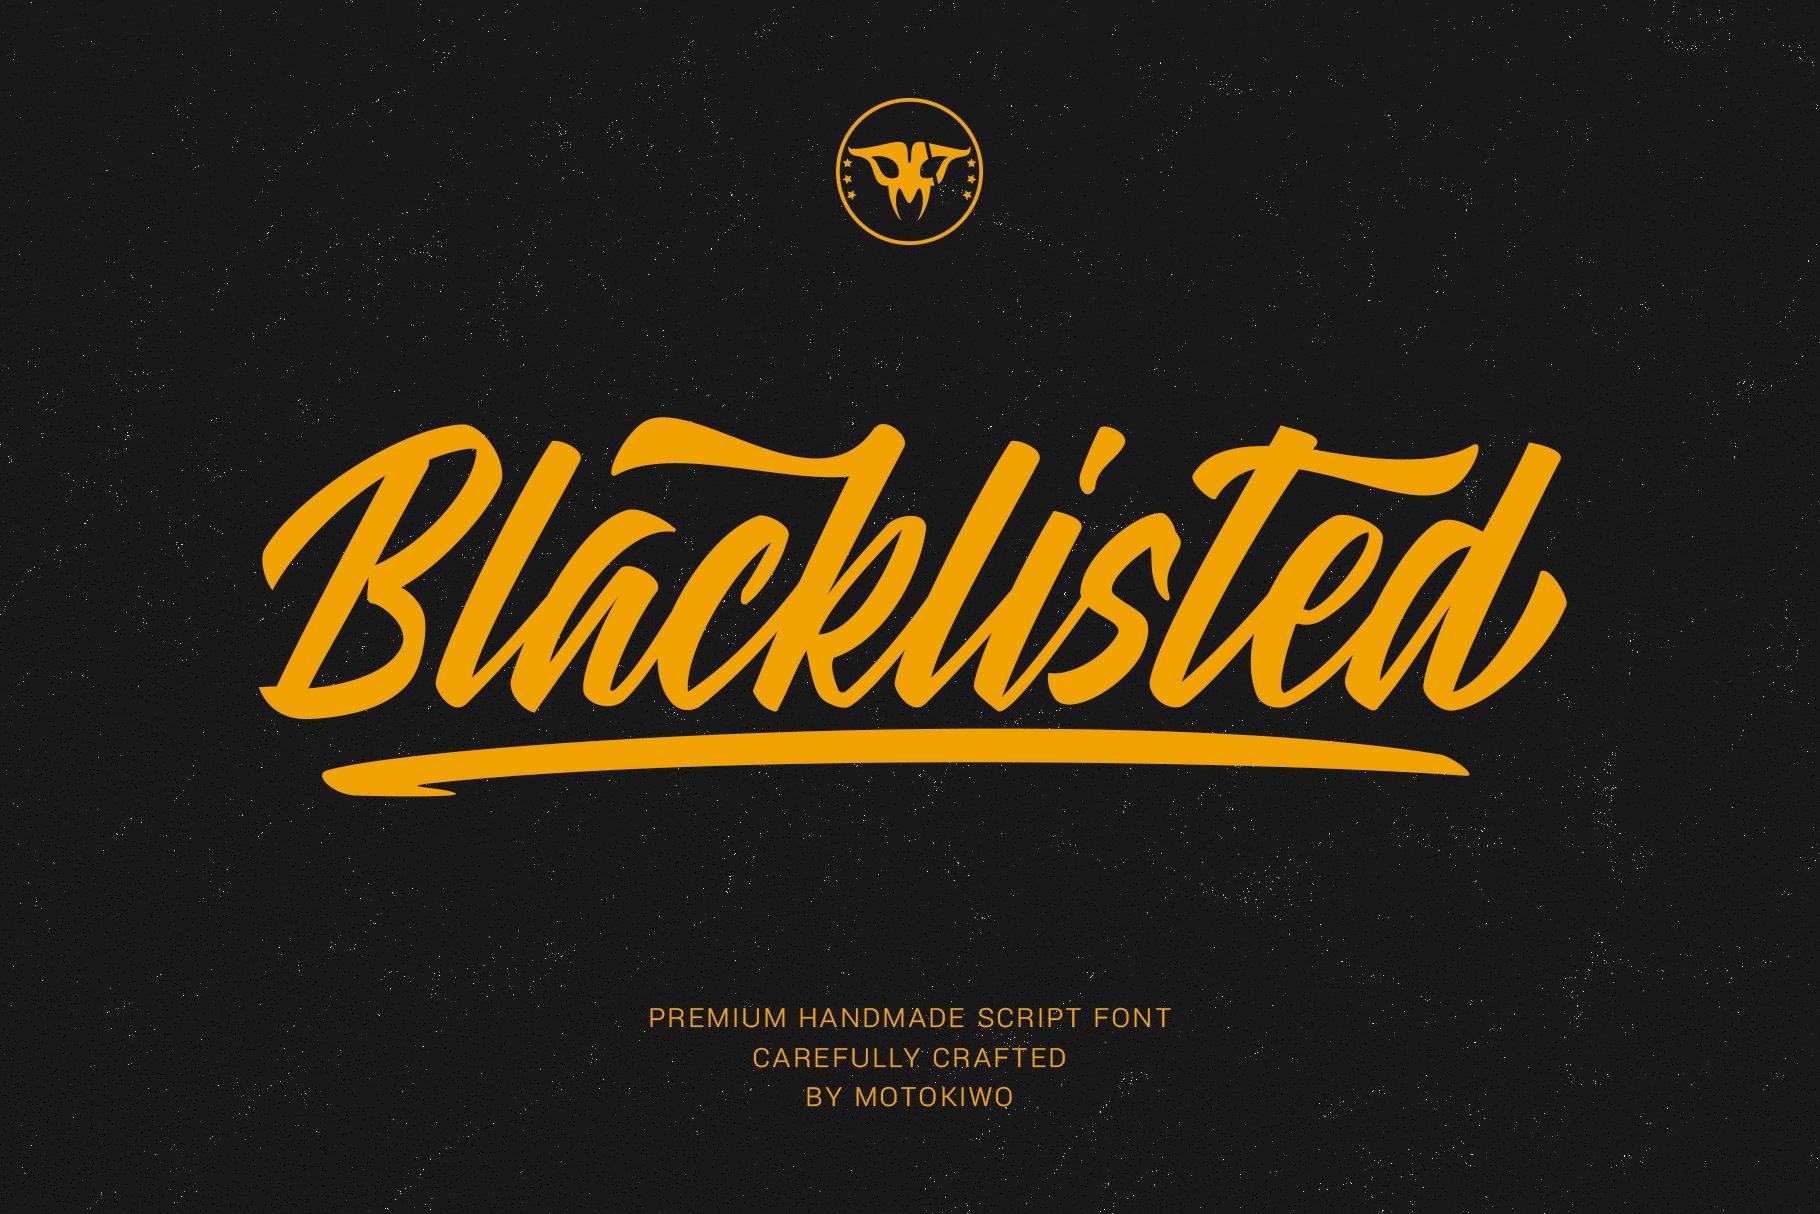 Blacklisted - Vintage Script Font example image 1